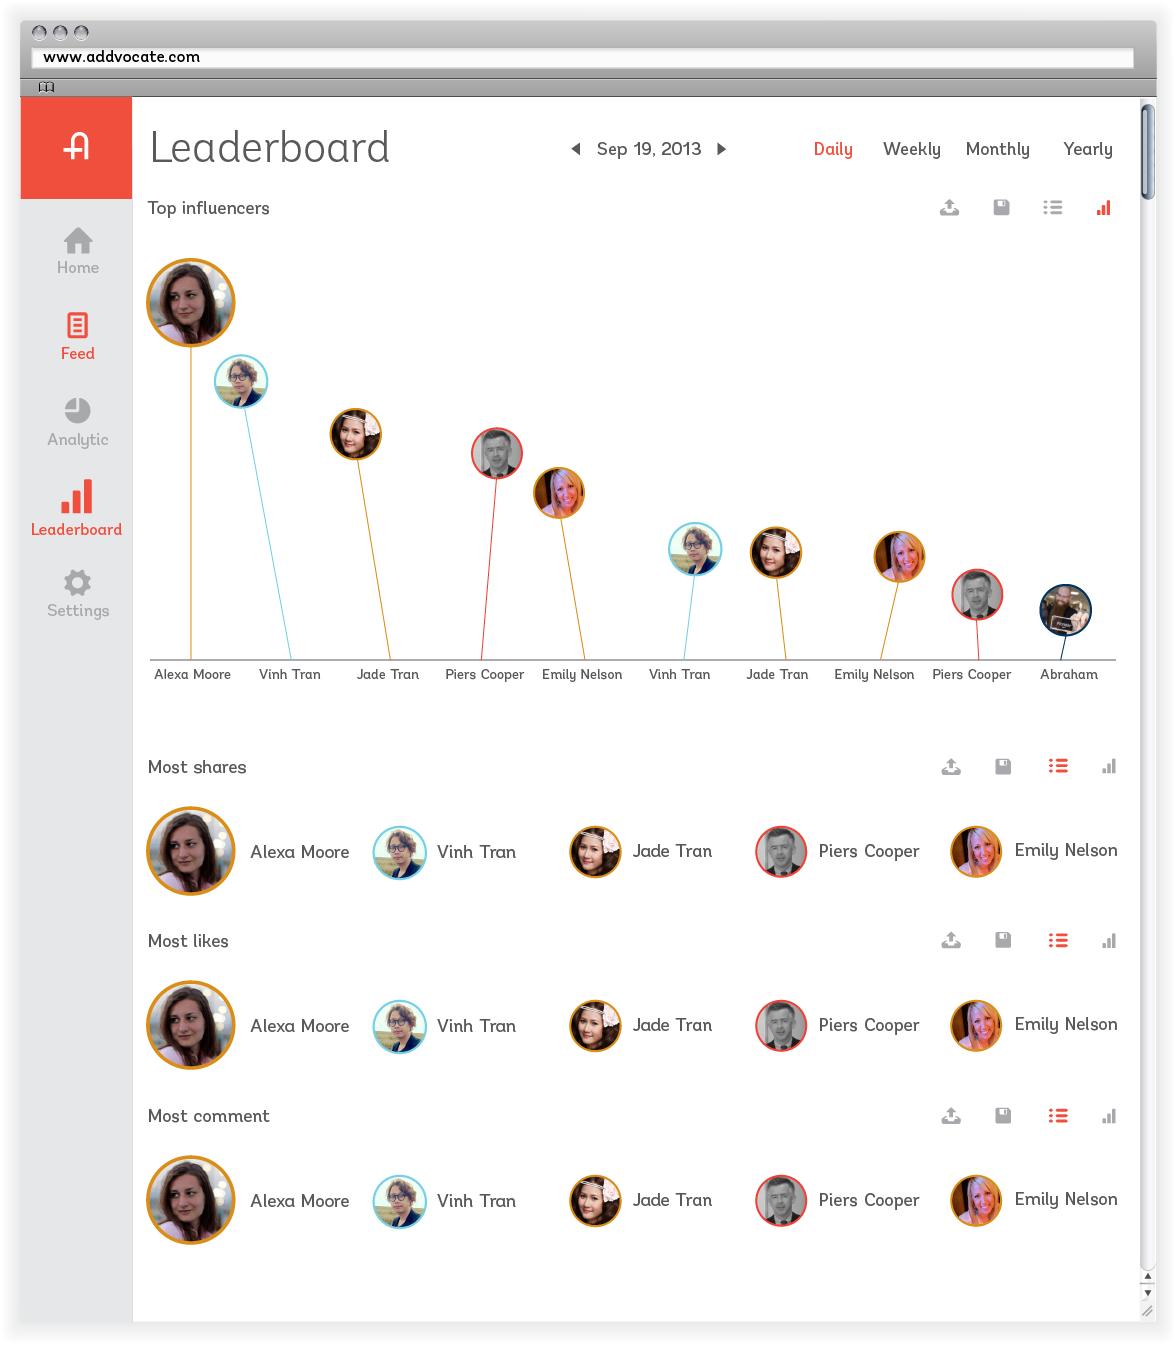 leaderboard-11